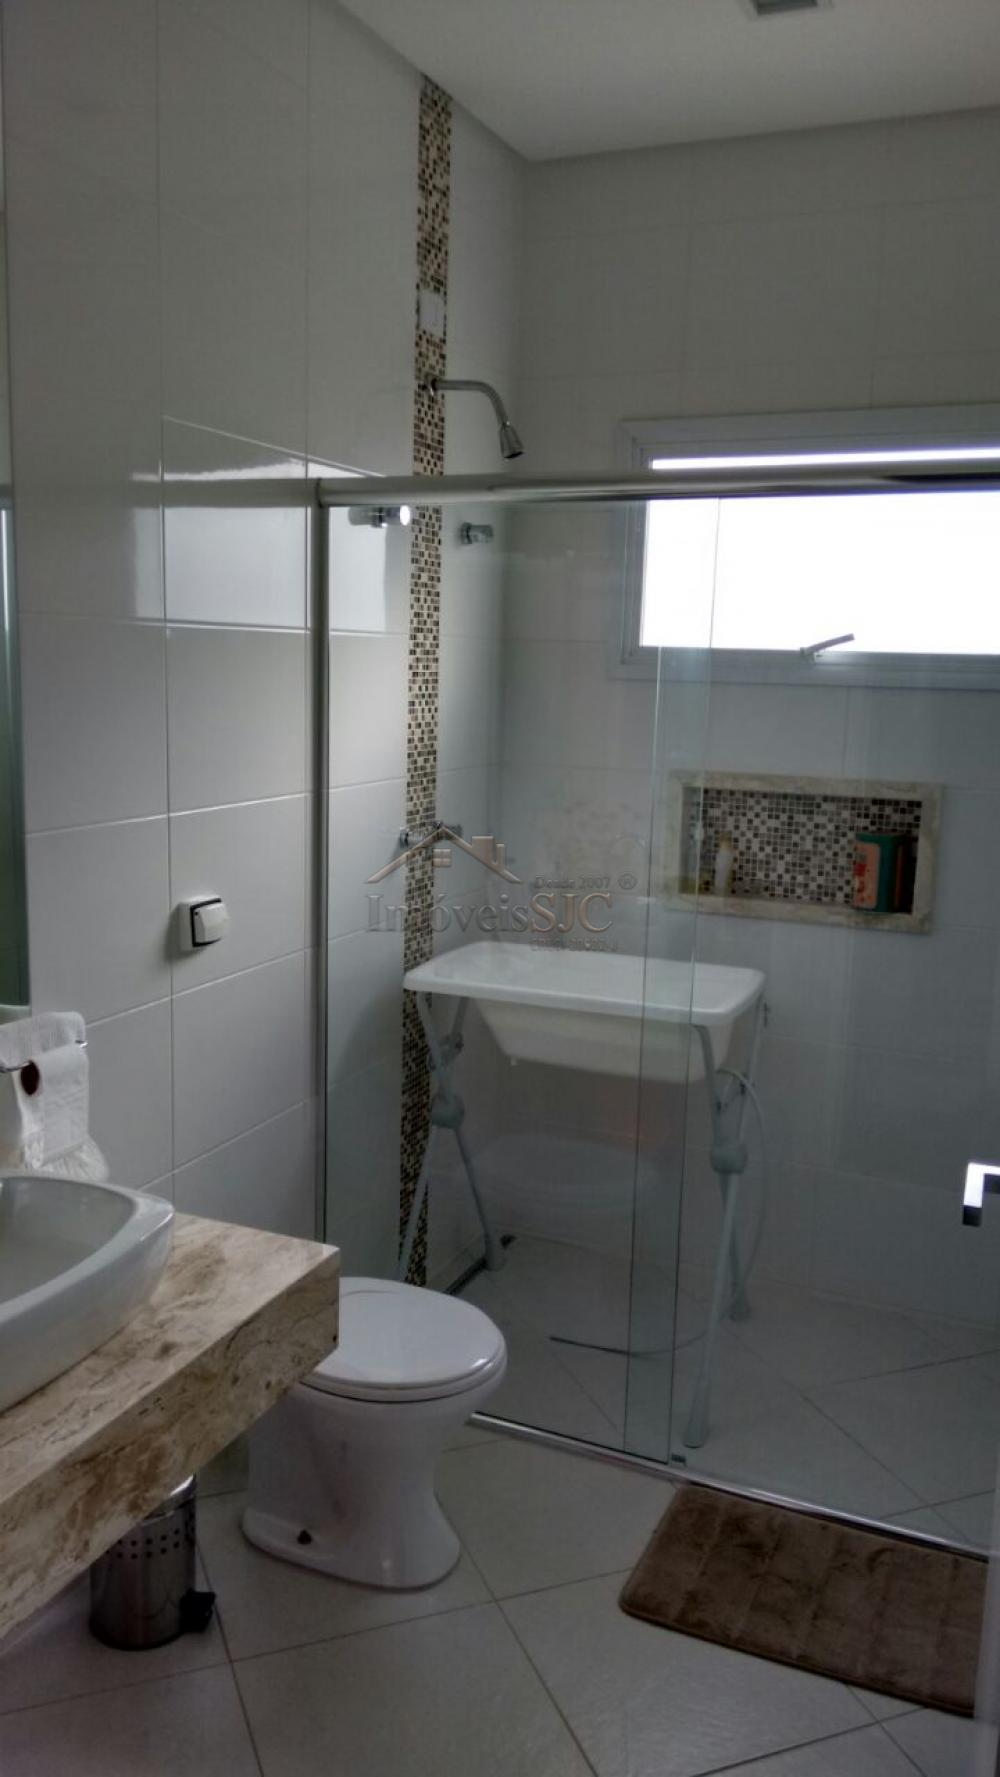 Comprar Casas / Condomínio em São José dos Campos apenas R$ 975.000,00 - Foto 14